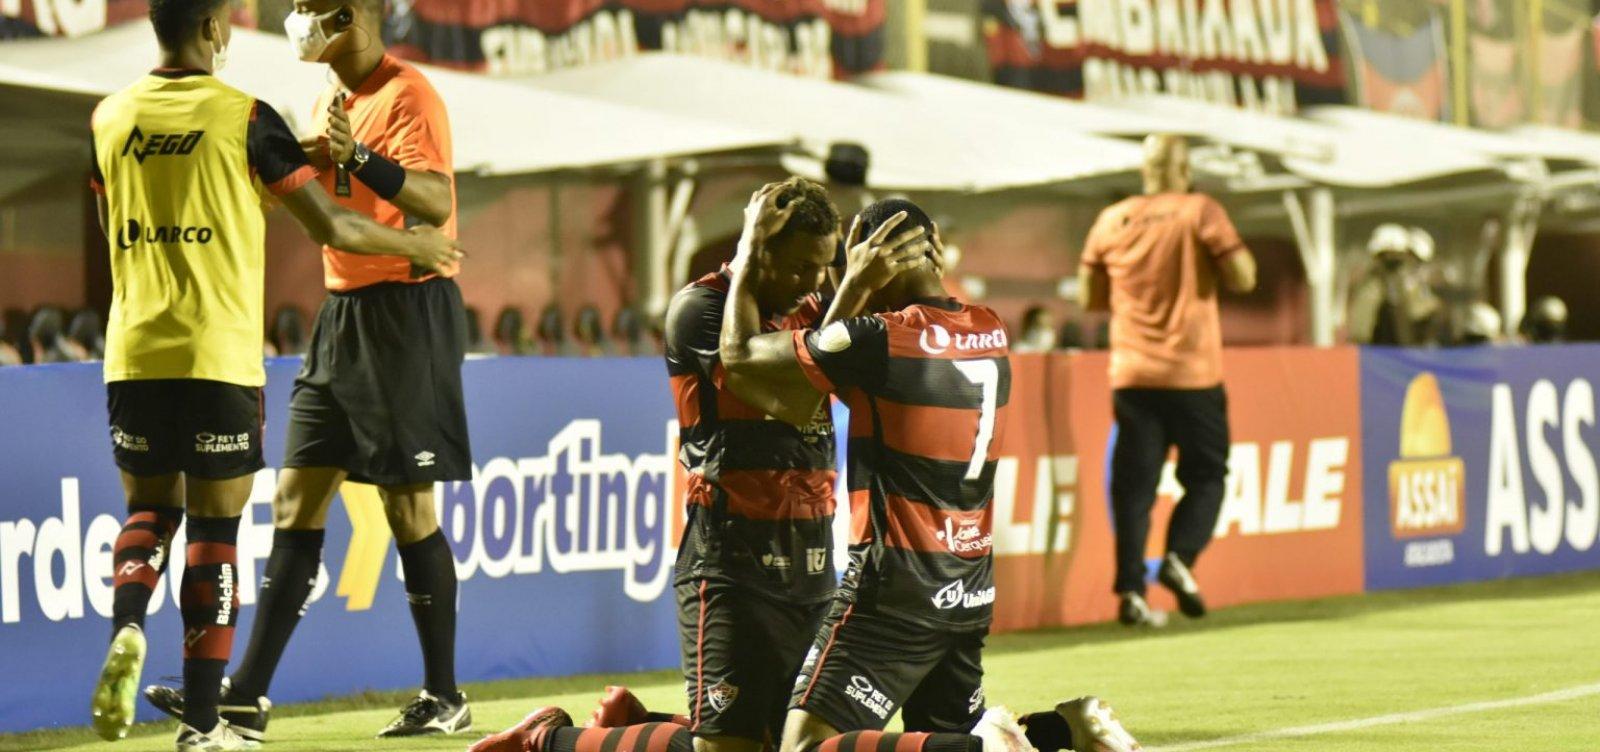 Com golaço no fim, Vitória vence Altos e garante vaga na semi